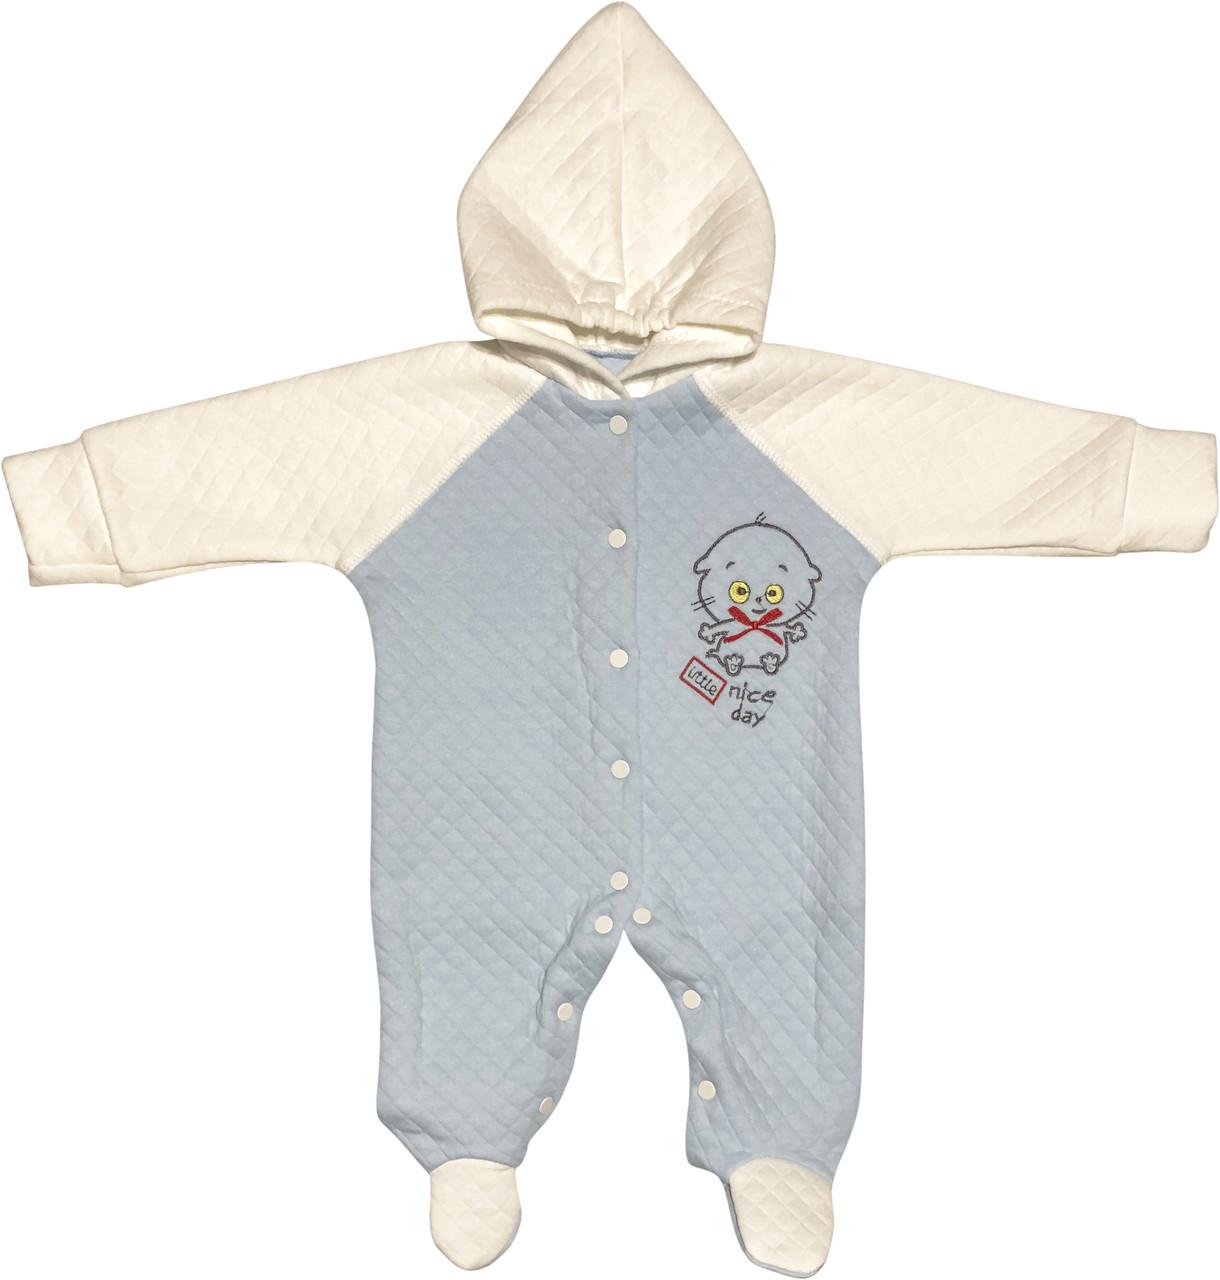 Детский человечек рост 62 2-3 мес трикотажный капитон голубой на мальчика слип с капюшоном для новорожденных малышей А006